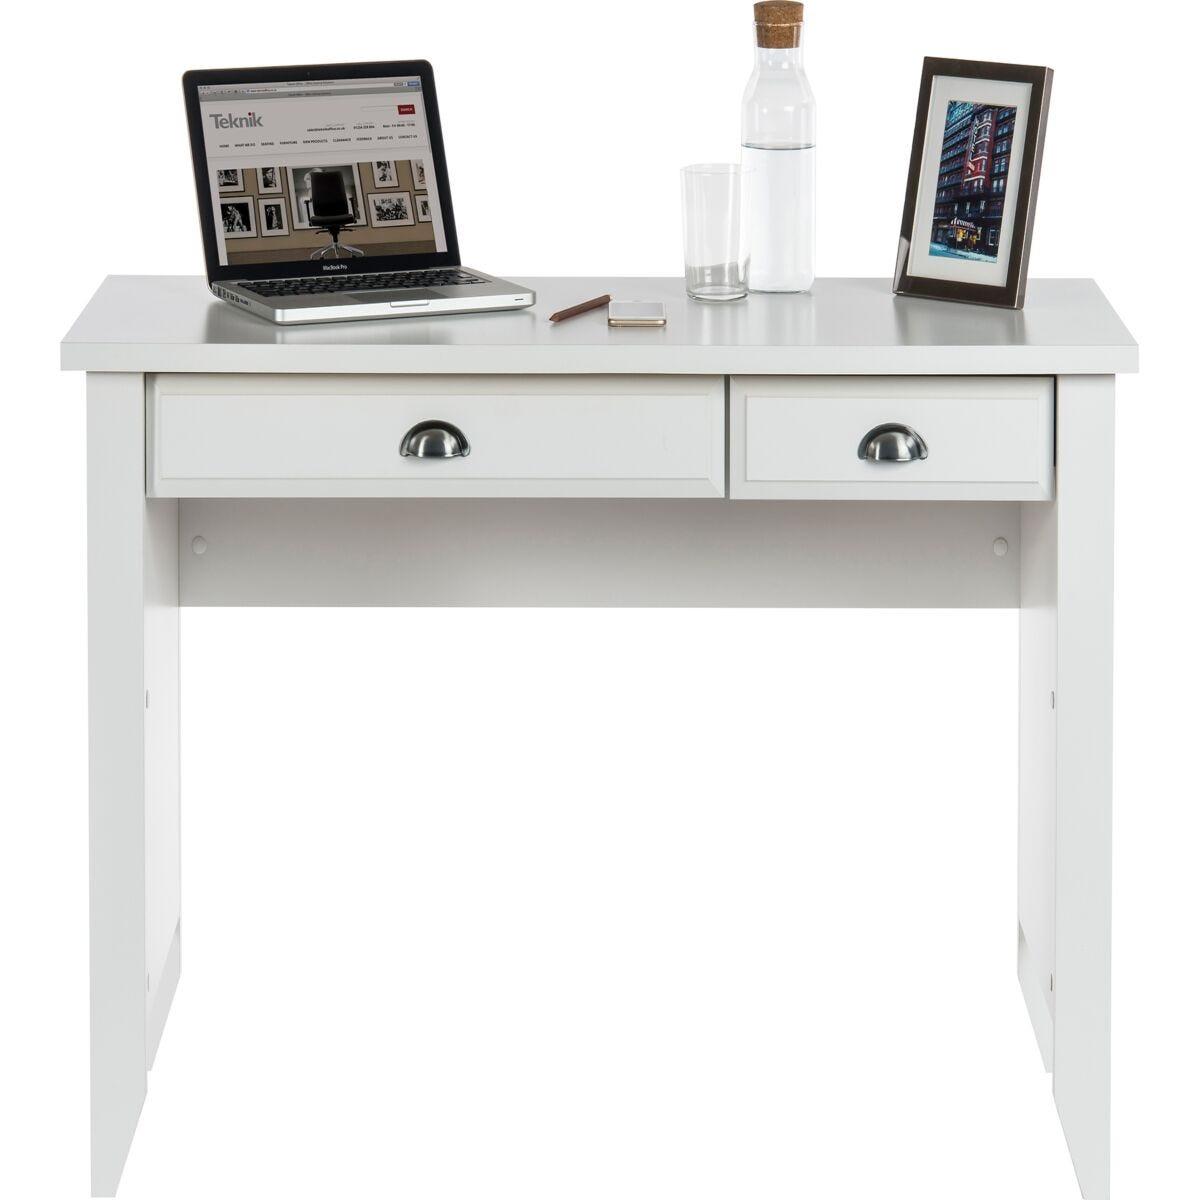 Teknik Office Modern Home Office Desk